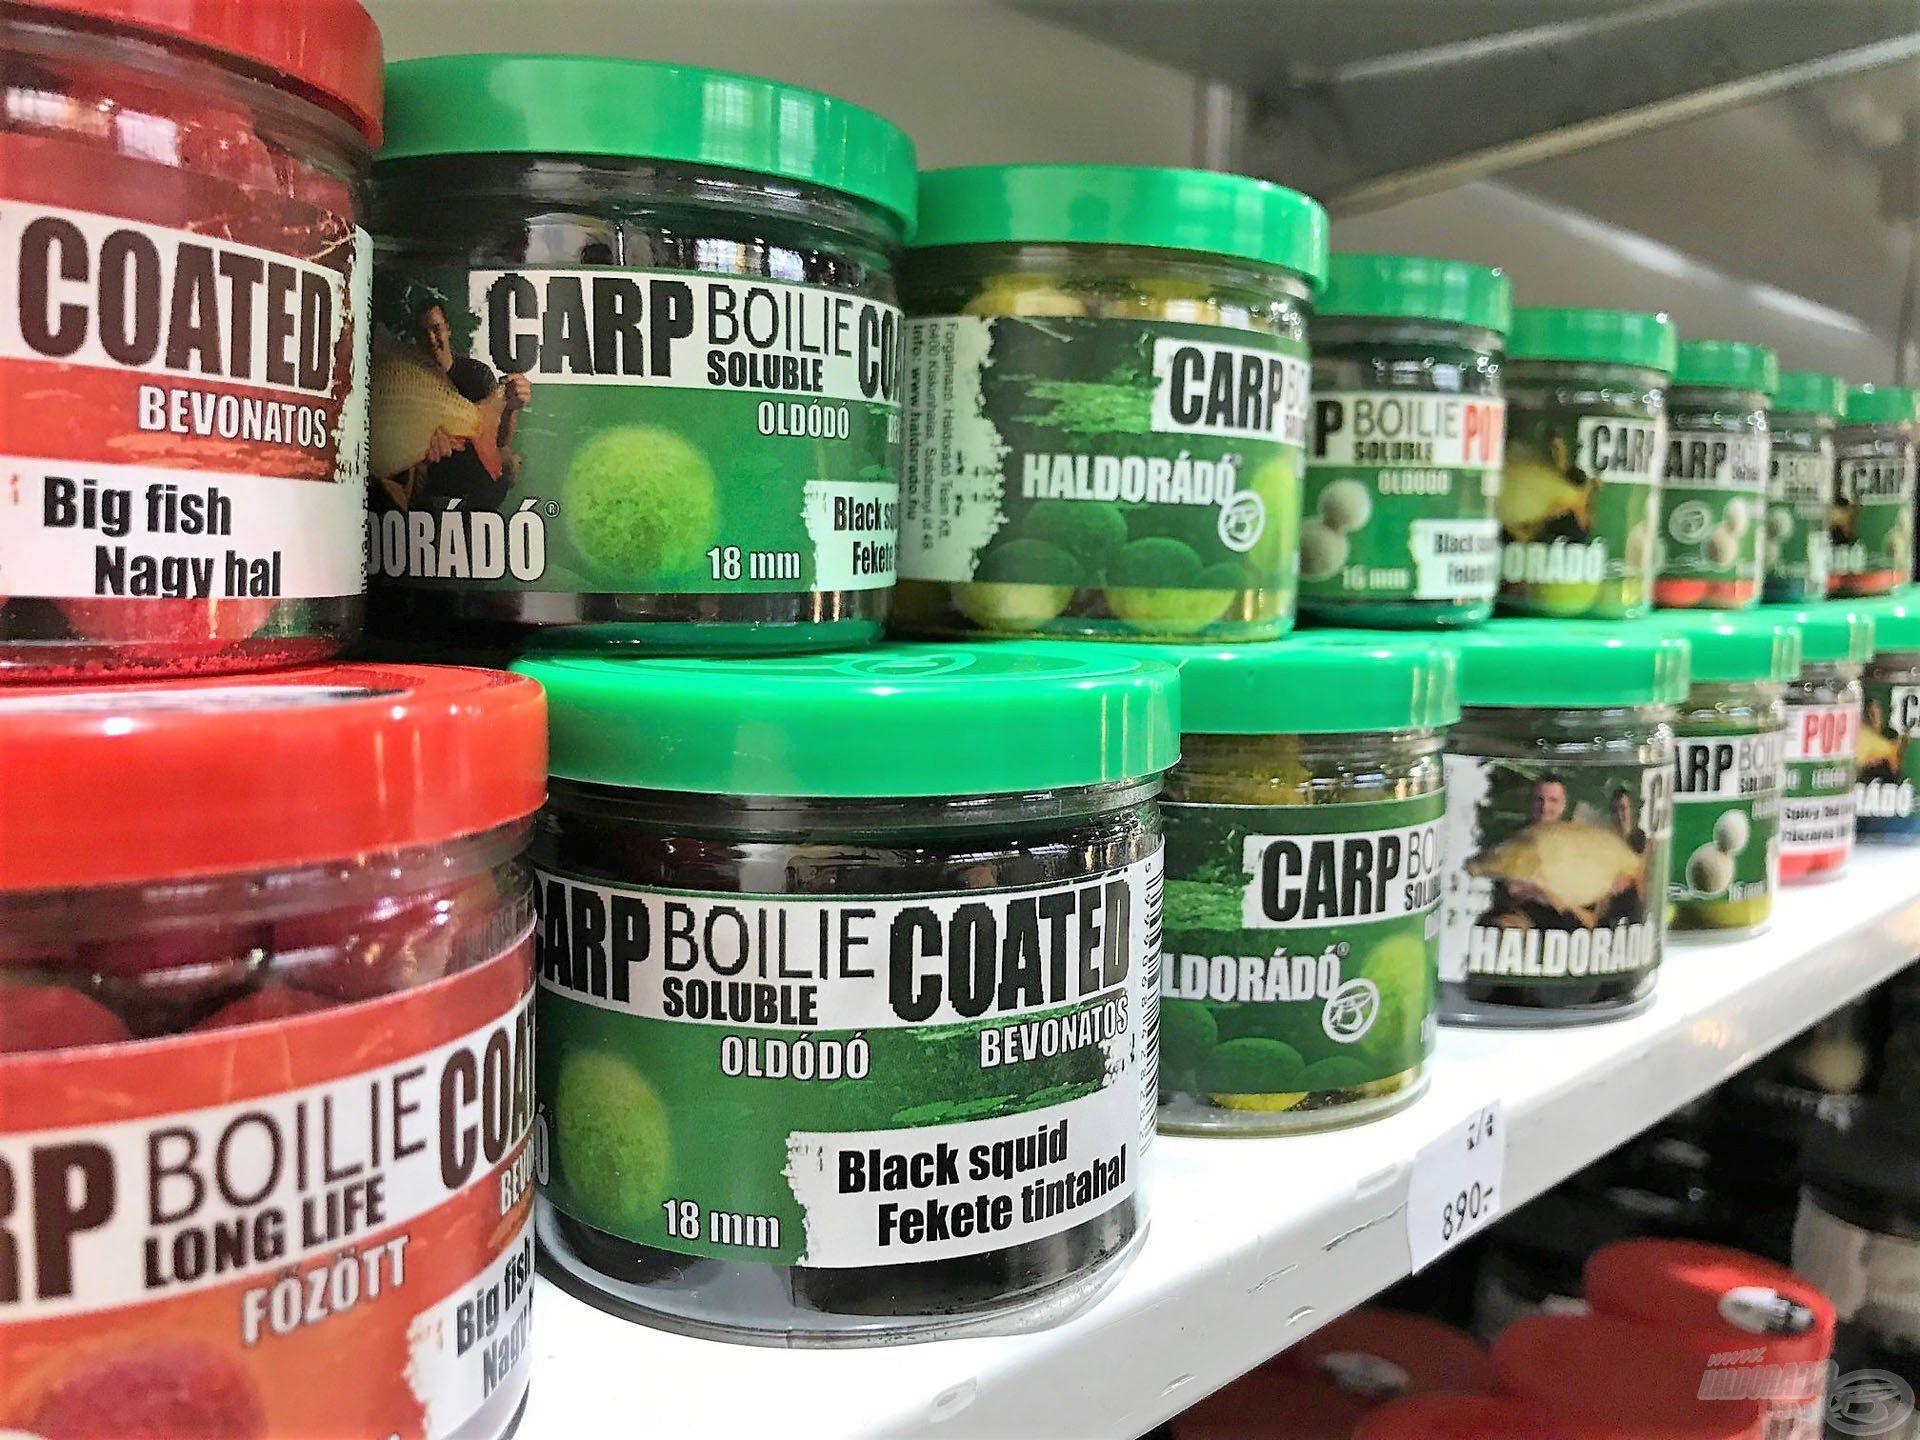 Standunkon természetesen a bojlis, nagyhalas termékeink is megtalálhatóak voltak